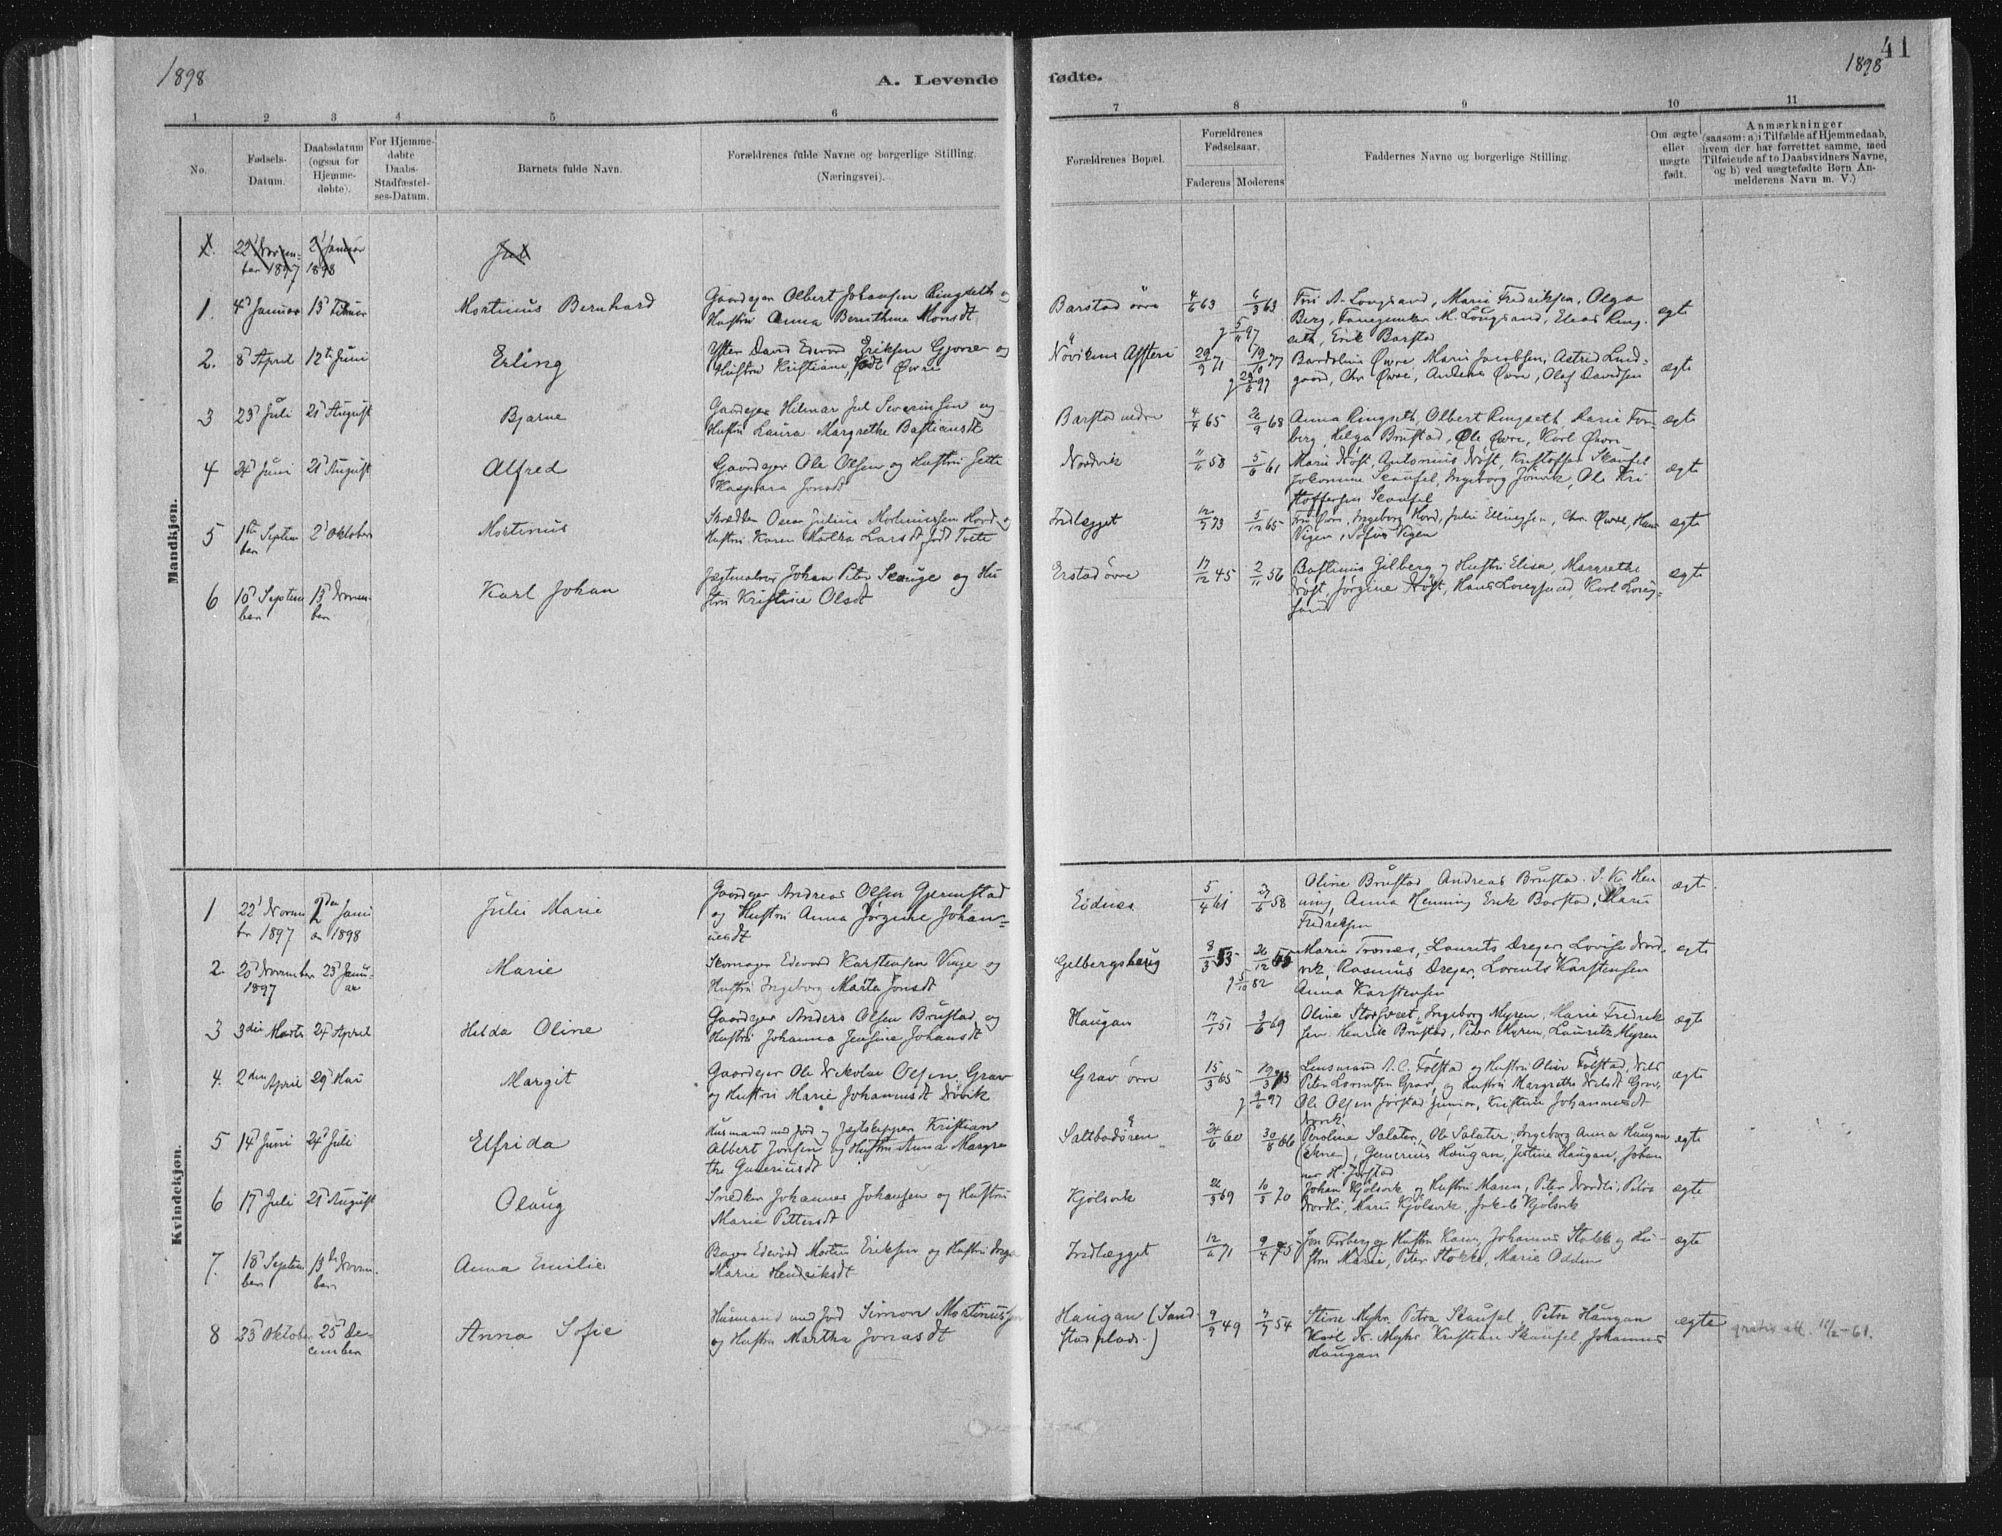 SAT, Ministerialprotokoller, klokkerbøker og fødselsregistre - Nord-Trøndelag, 722/L0220: Ministerialbok nr. 722A07, 1881-1908, s. 41